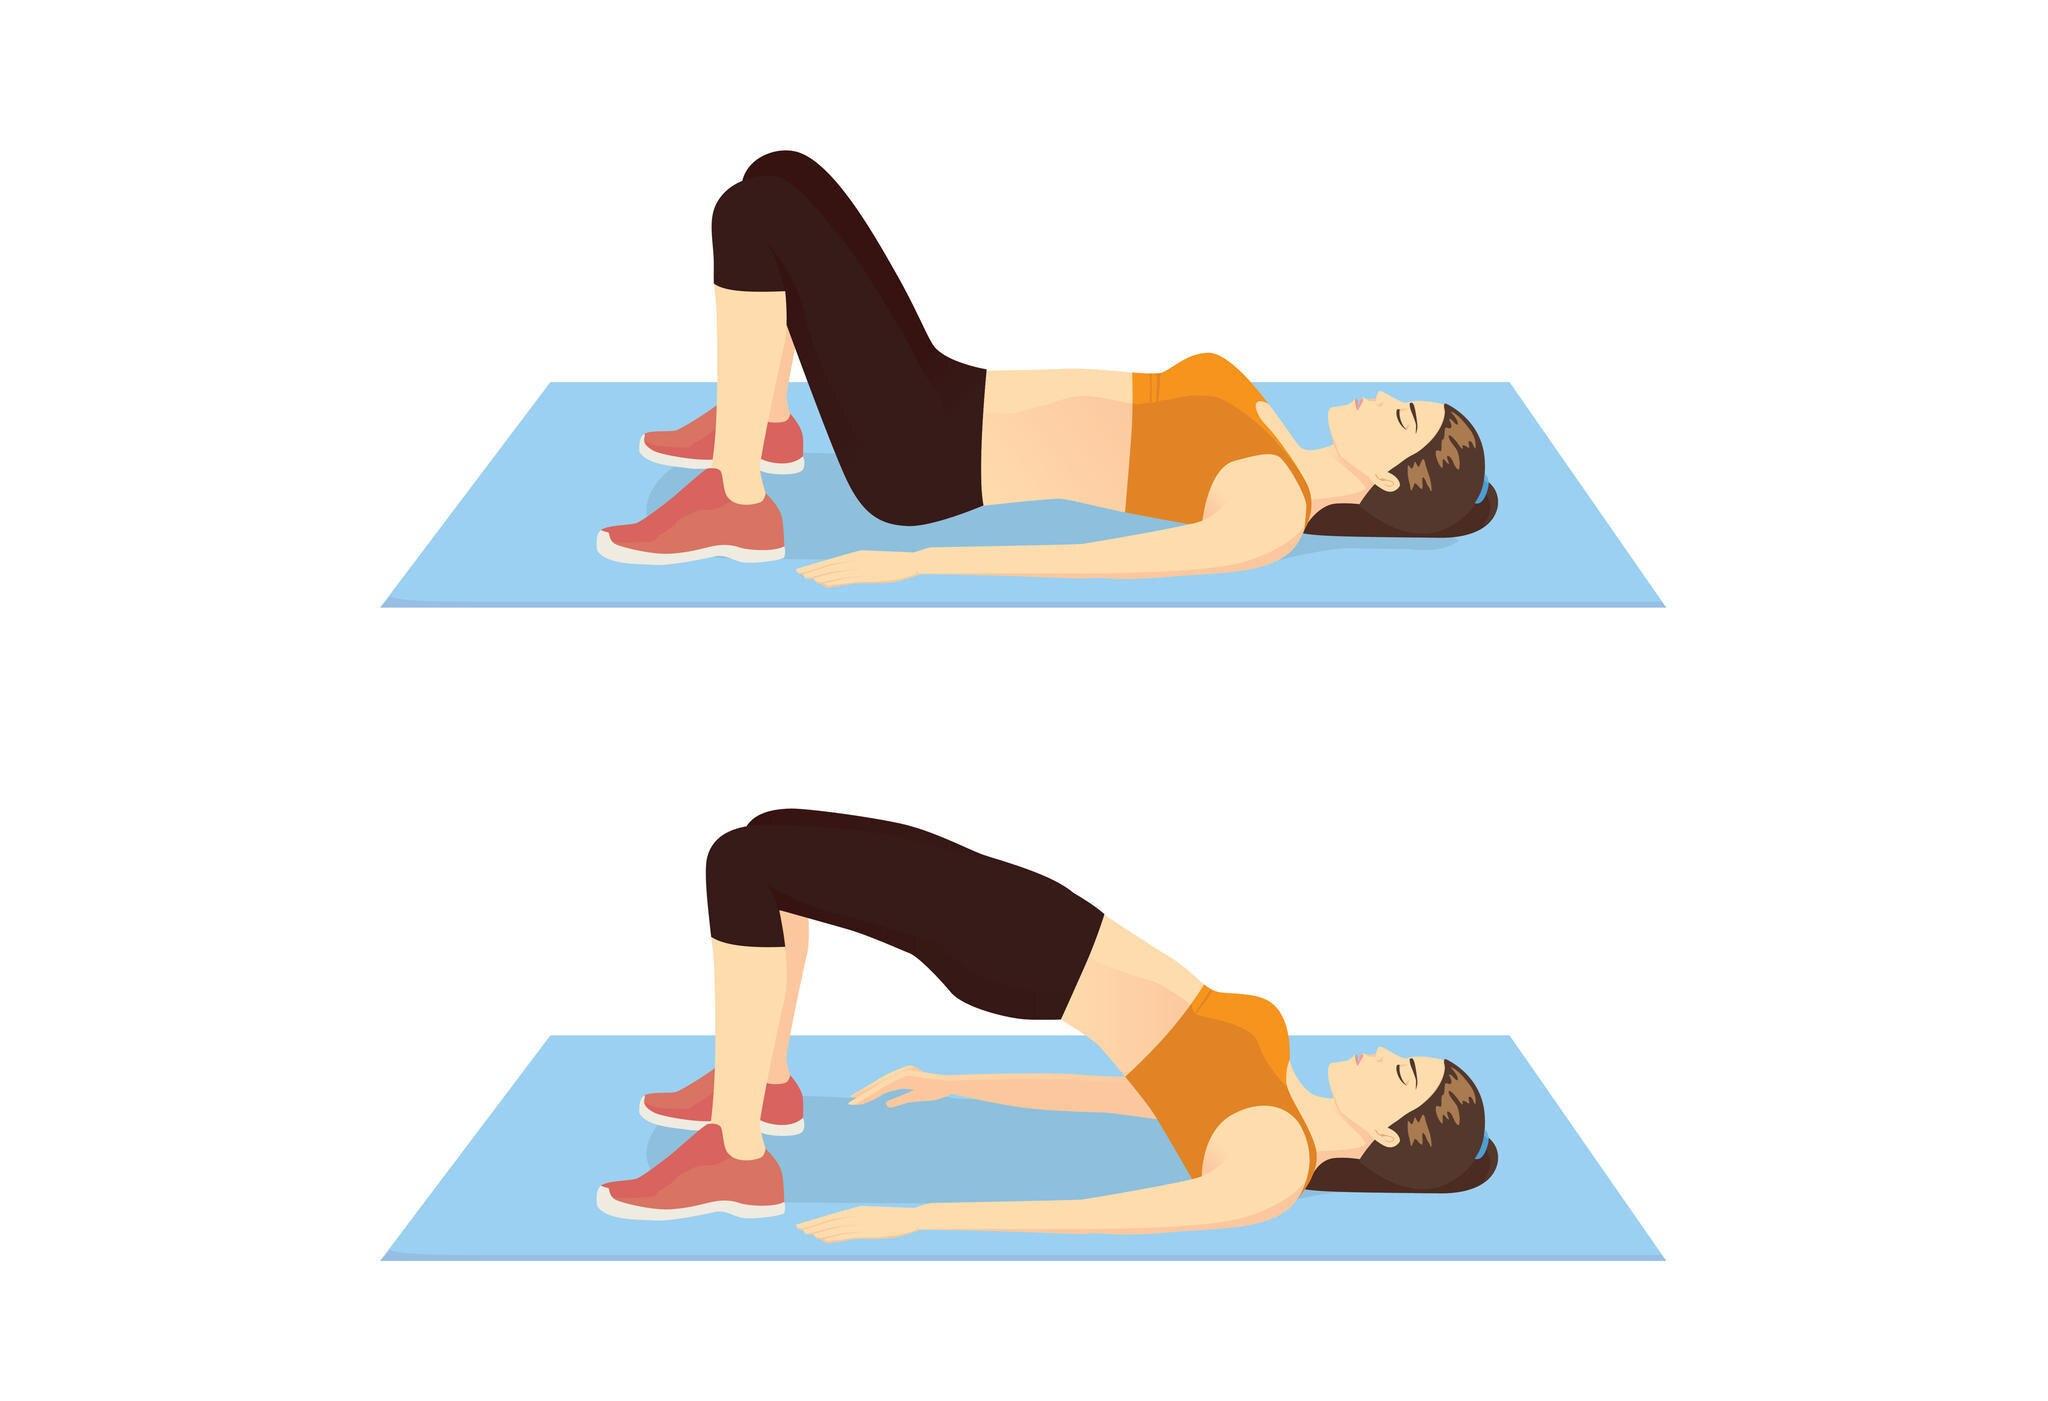 Der Hüftheber ist eineklassische Trainingsübung, um das Becken zu trainieren.